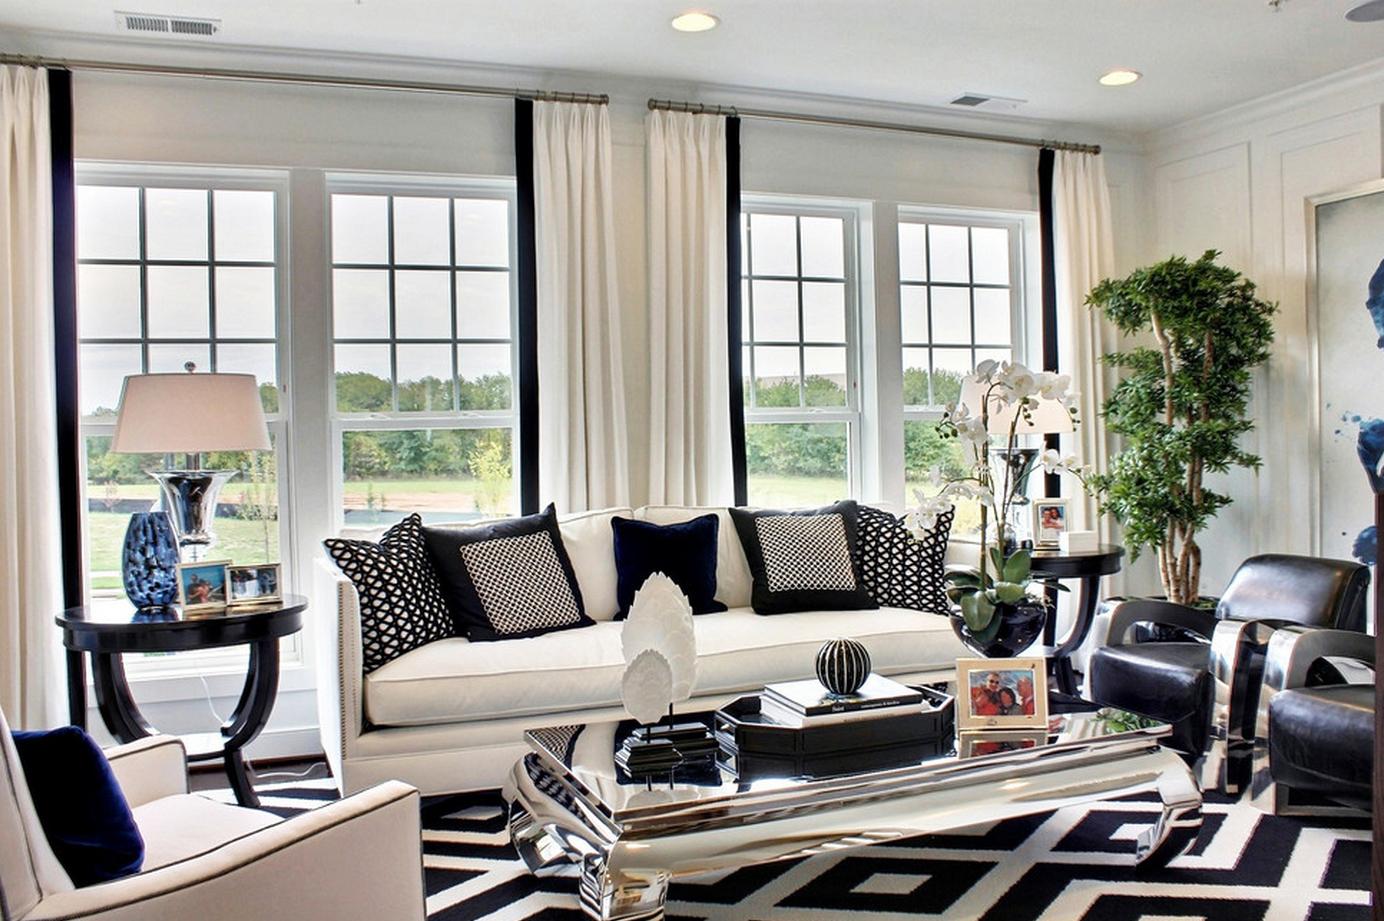 Пол с контрастным графическим рисунком, который может повторять рисунок или узоры обоев, обивки мебели или штор.